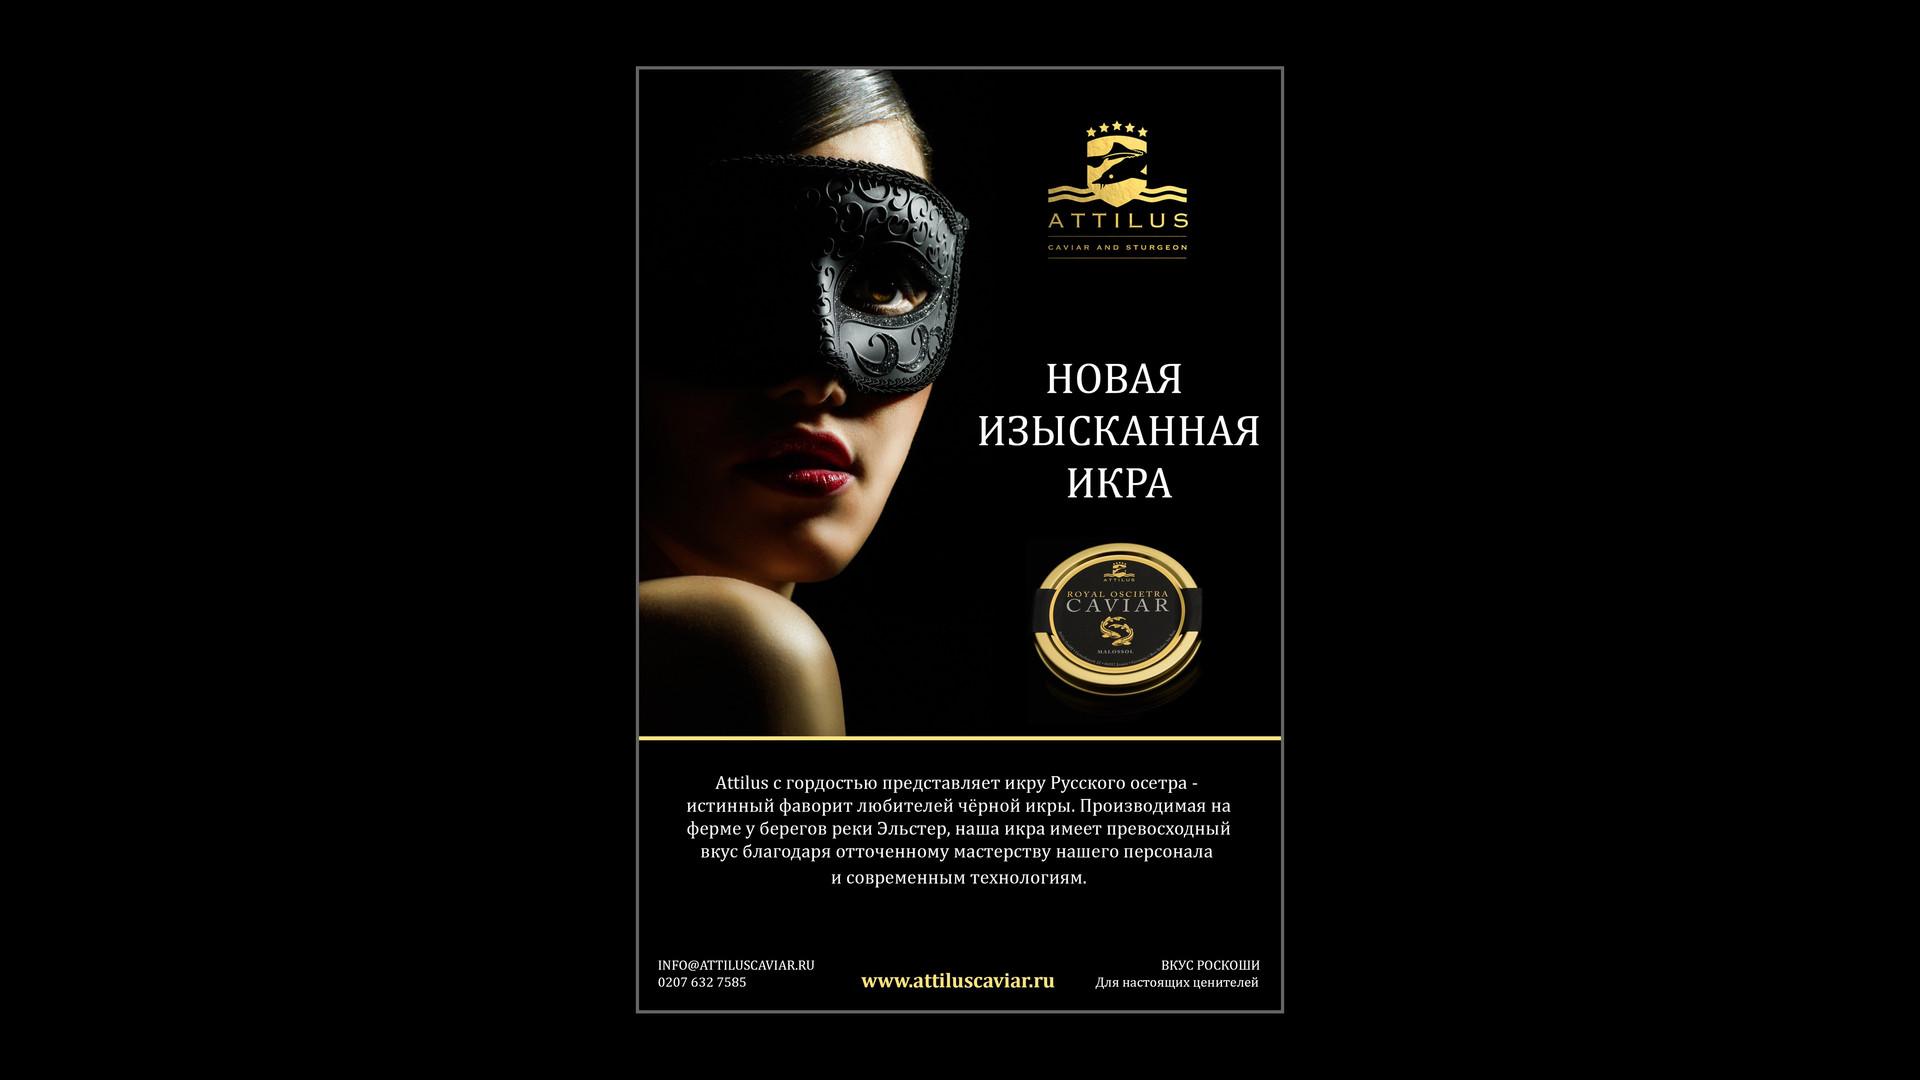 Attilus Advertising P5.jpg